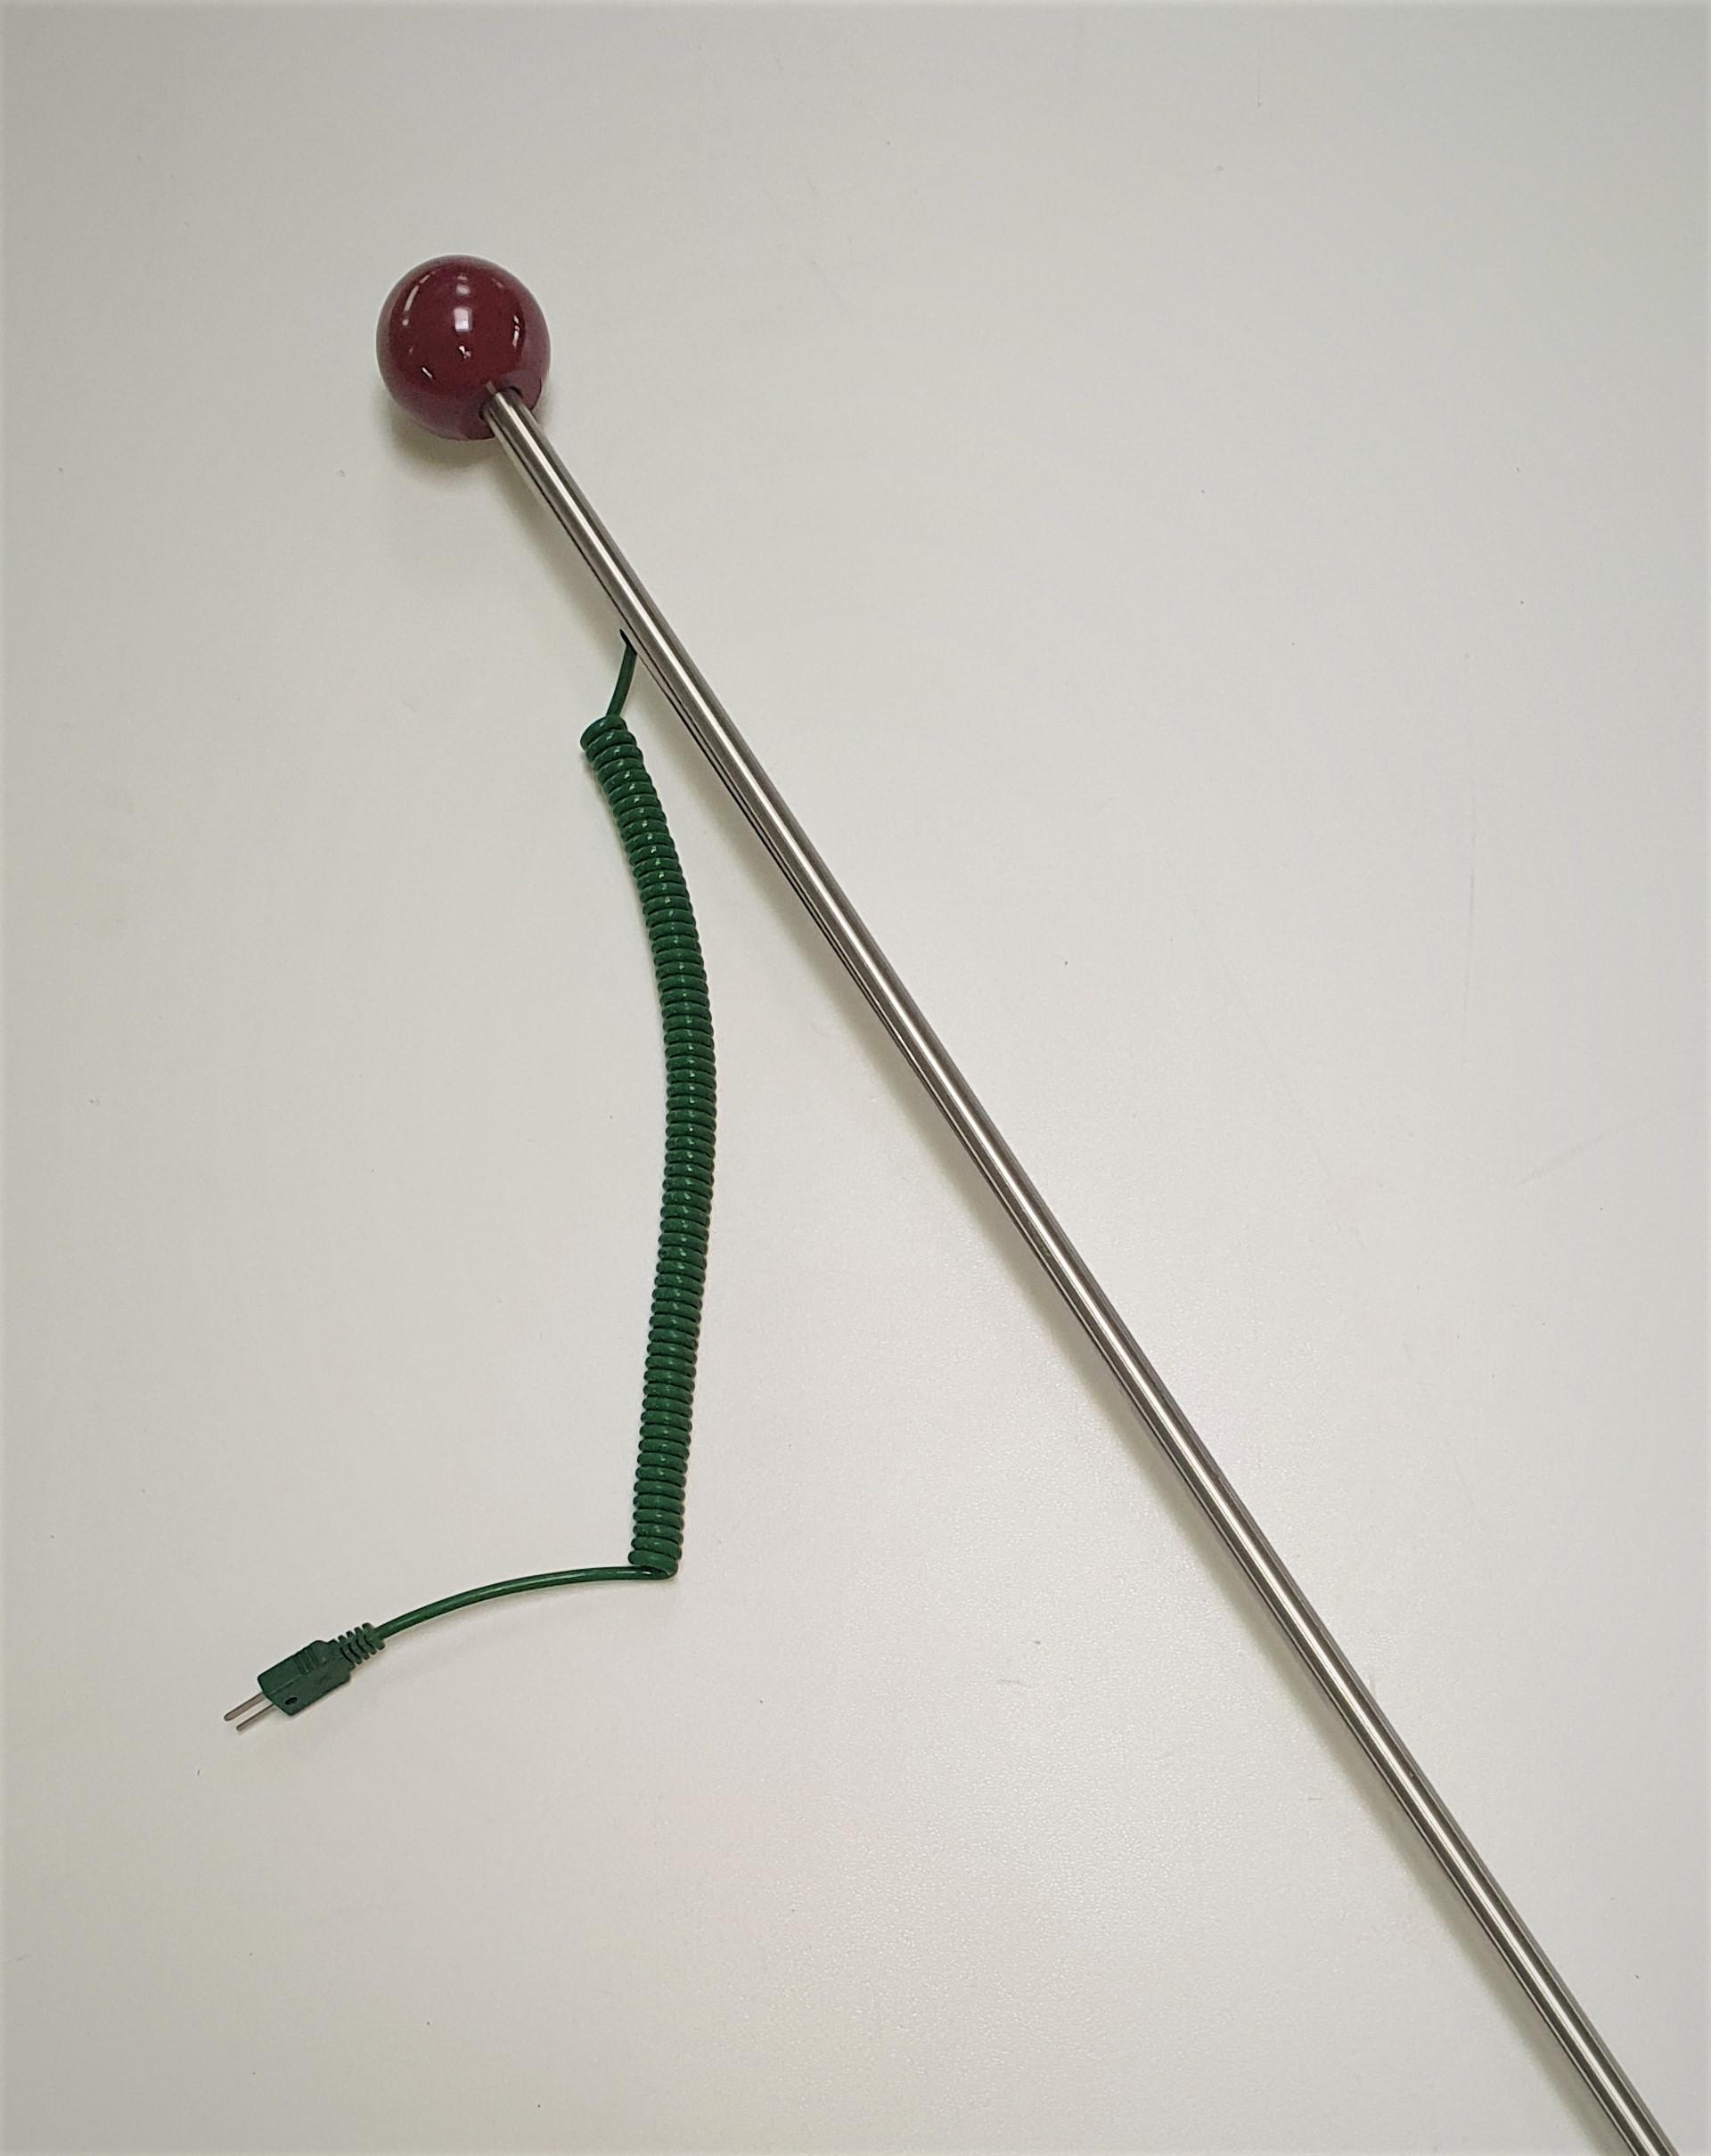 Einstechfühler mit Knauf  Edelstahl 1,5 m   Durchmesser  12 mm